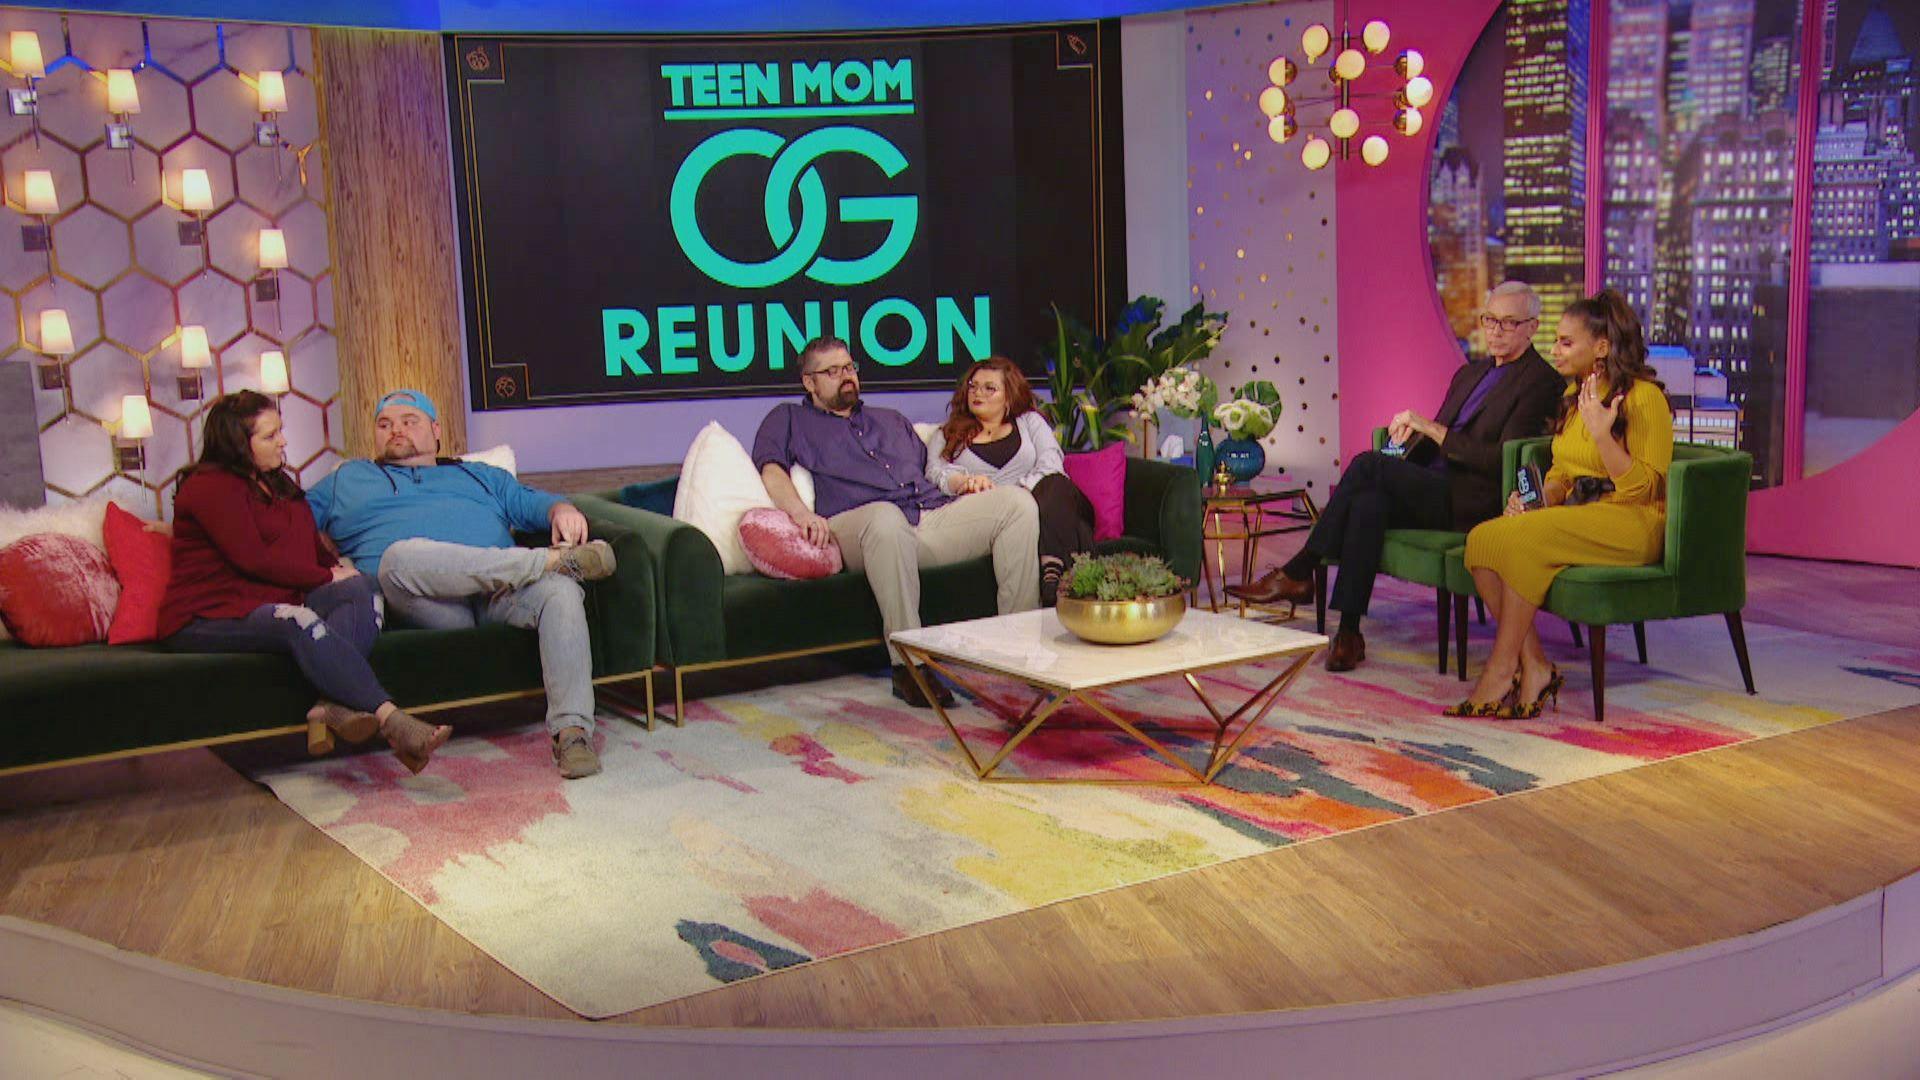 Teen Mom Season 14 Episode 14